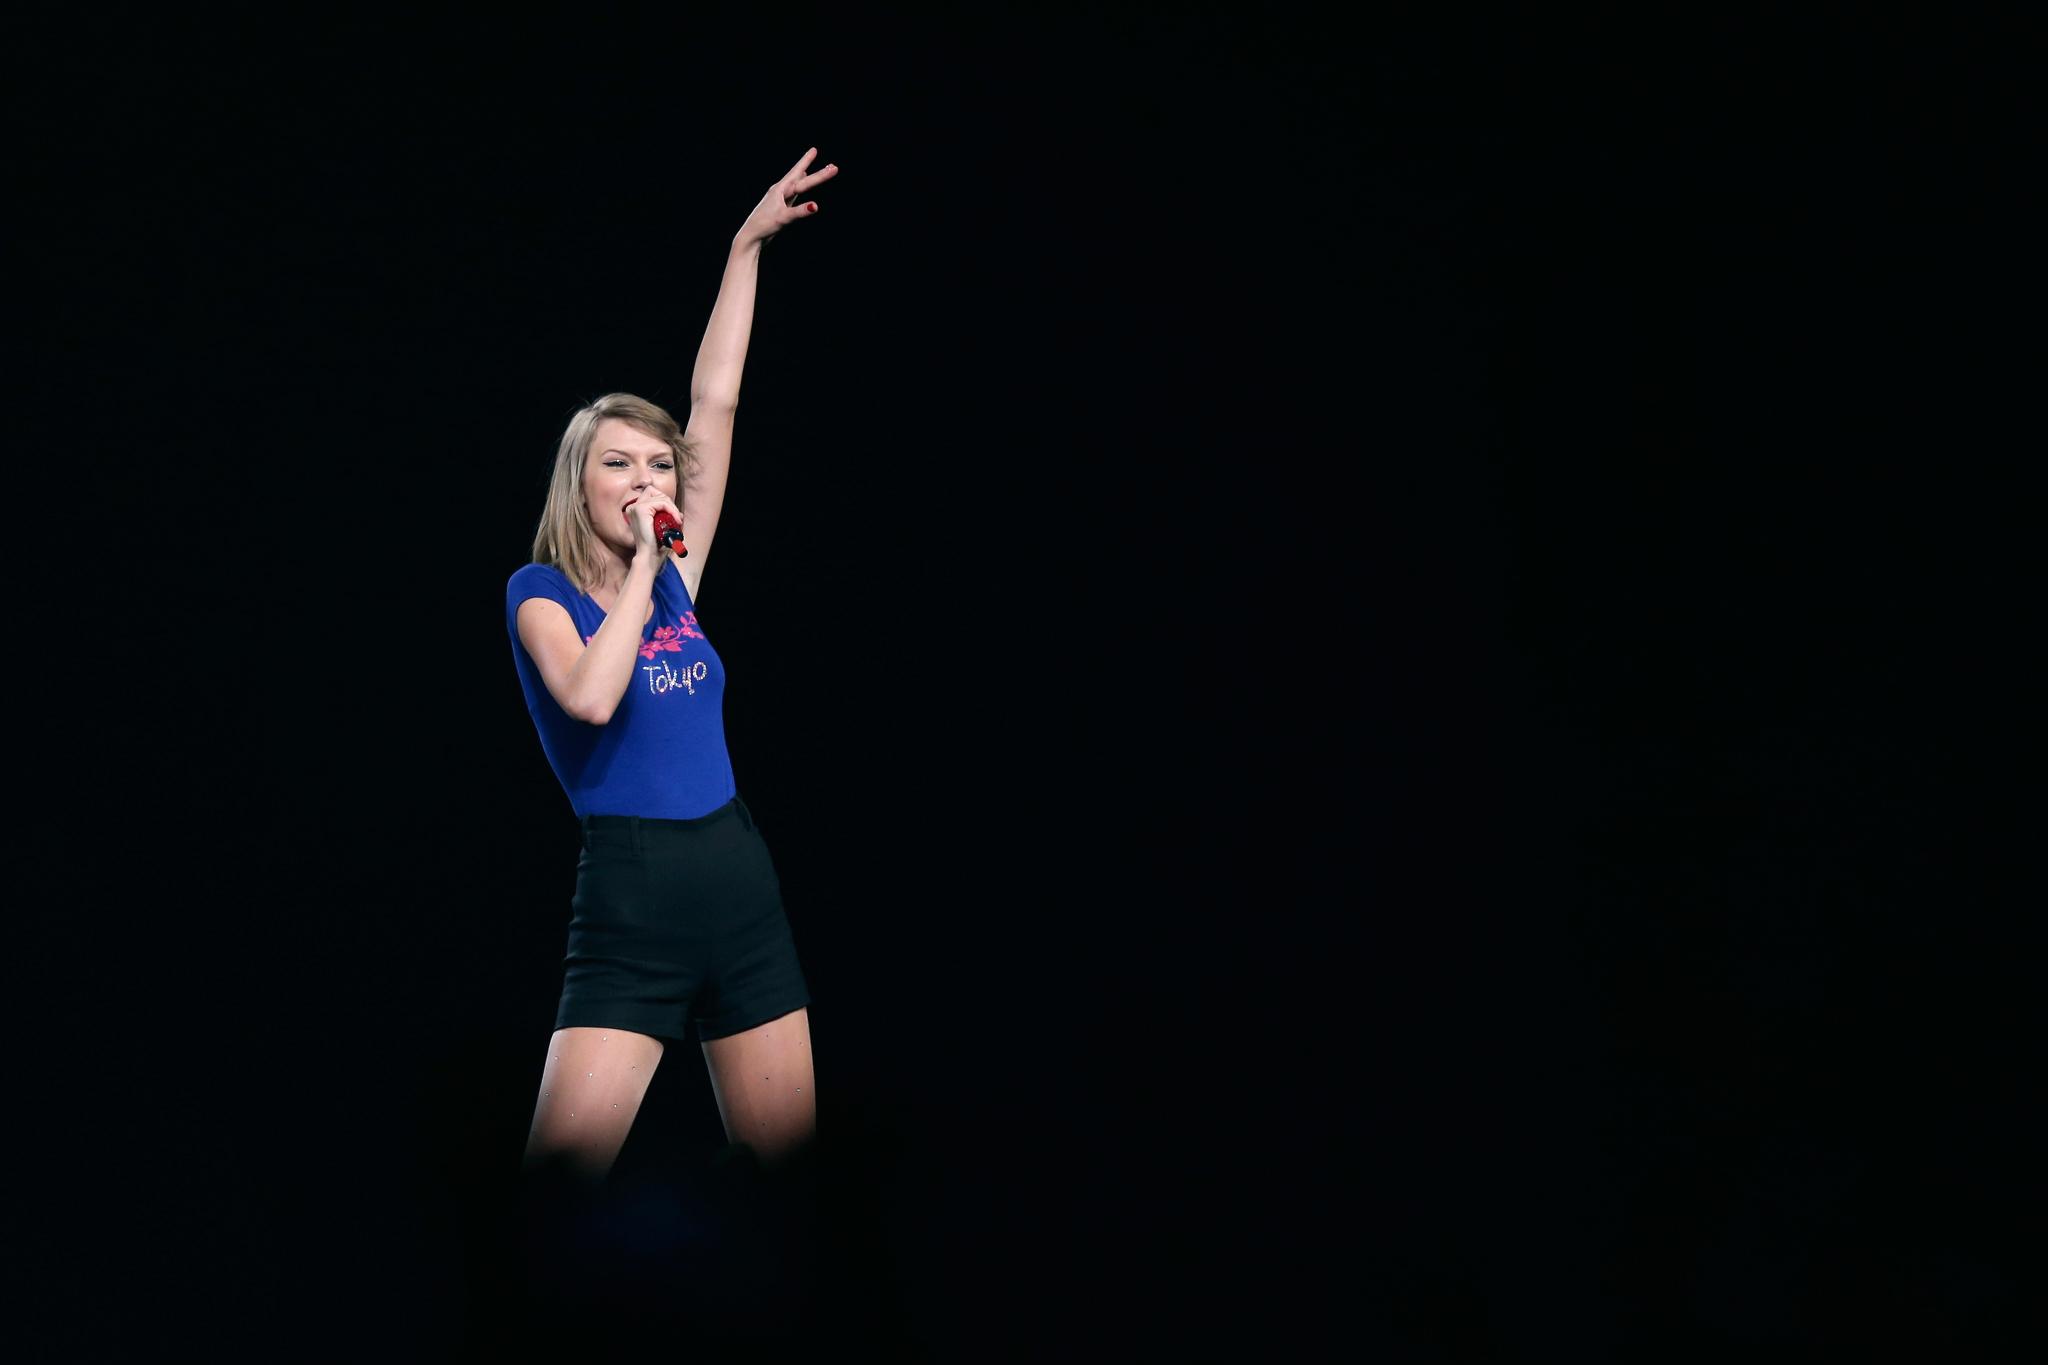 Taylor Swift 2015 Wallpaper Taylor swift RED Tour Tokyo speech 2048x1365